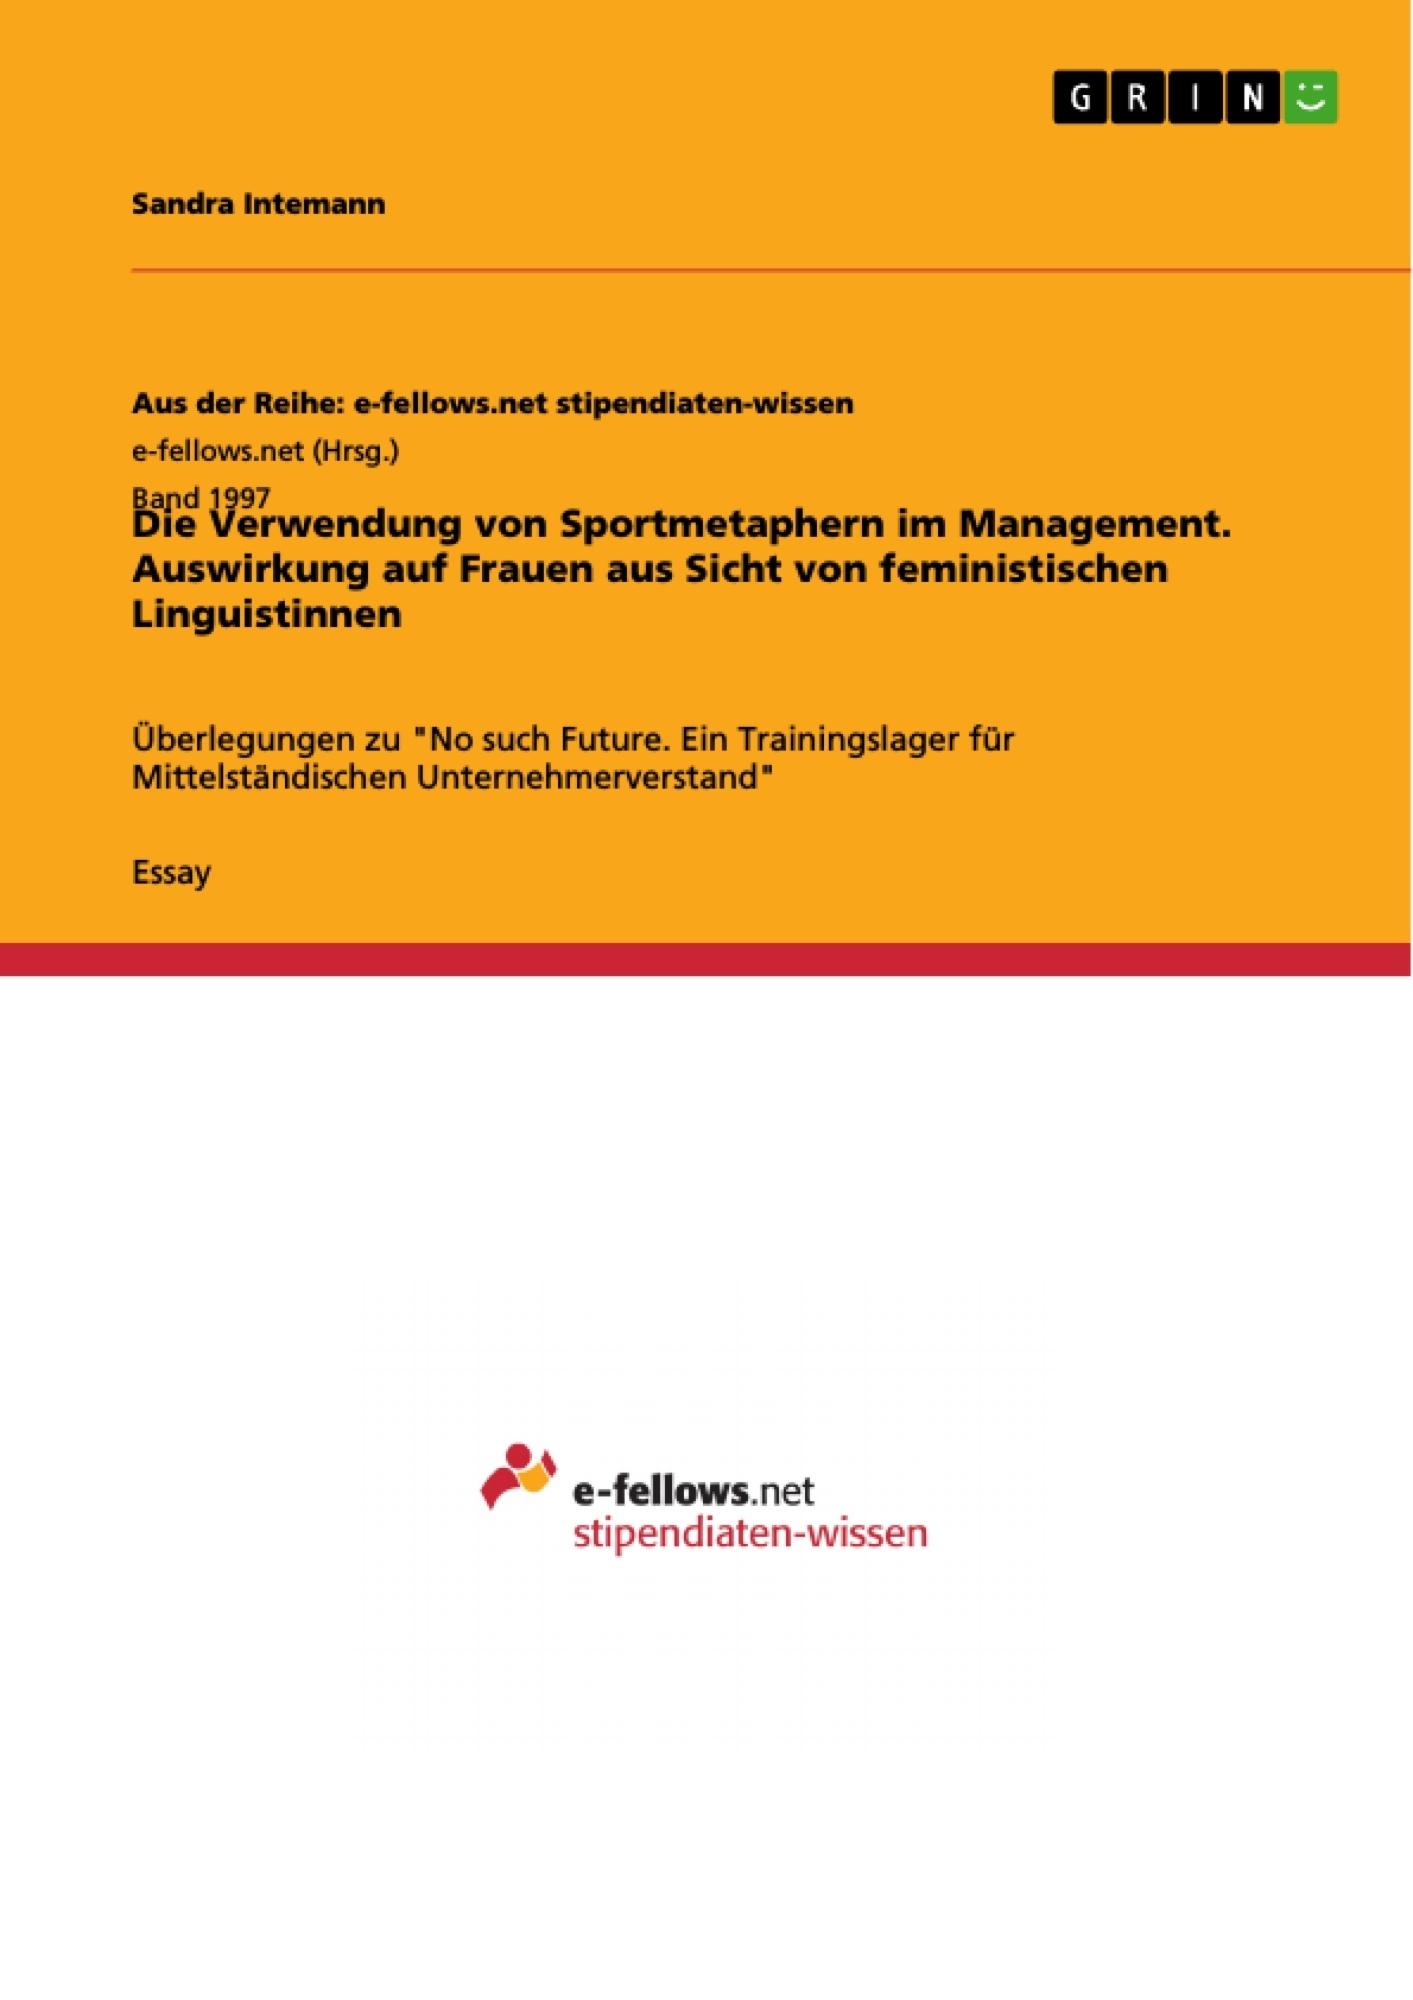 Titel: Die Verwendung von Sportmetaphern im Management. Auswirkung auf Frauen aus Sicht von feministischen Linguistinnen